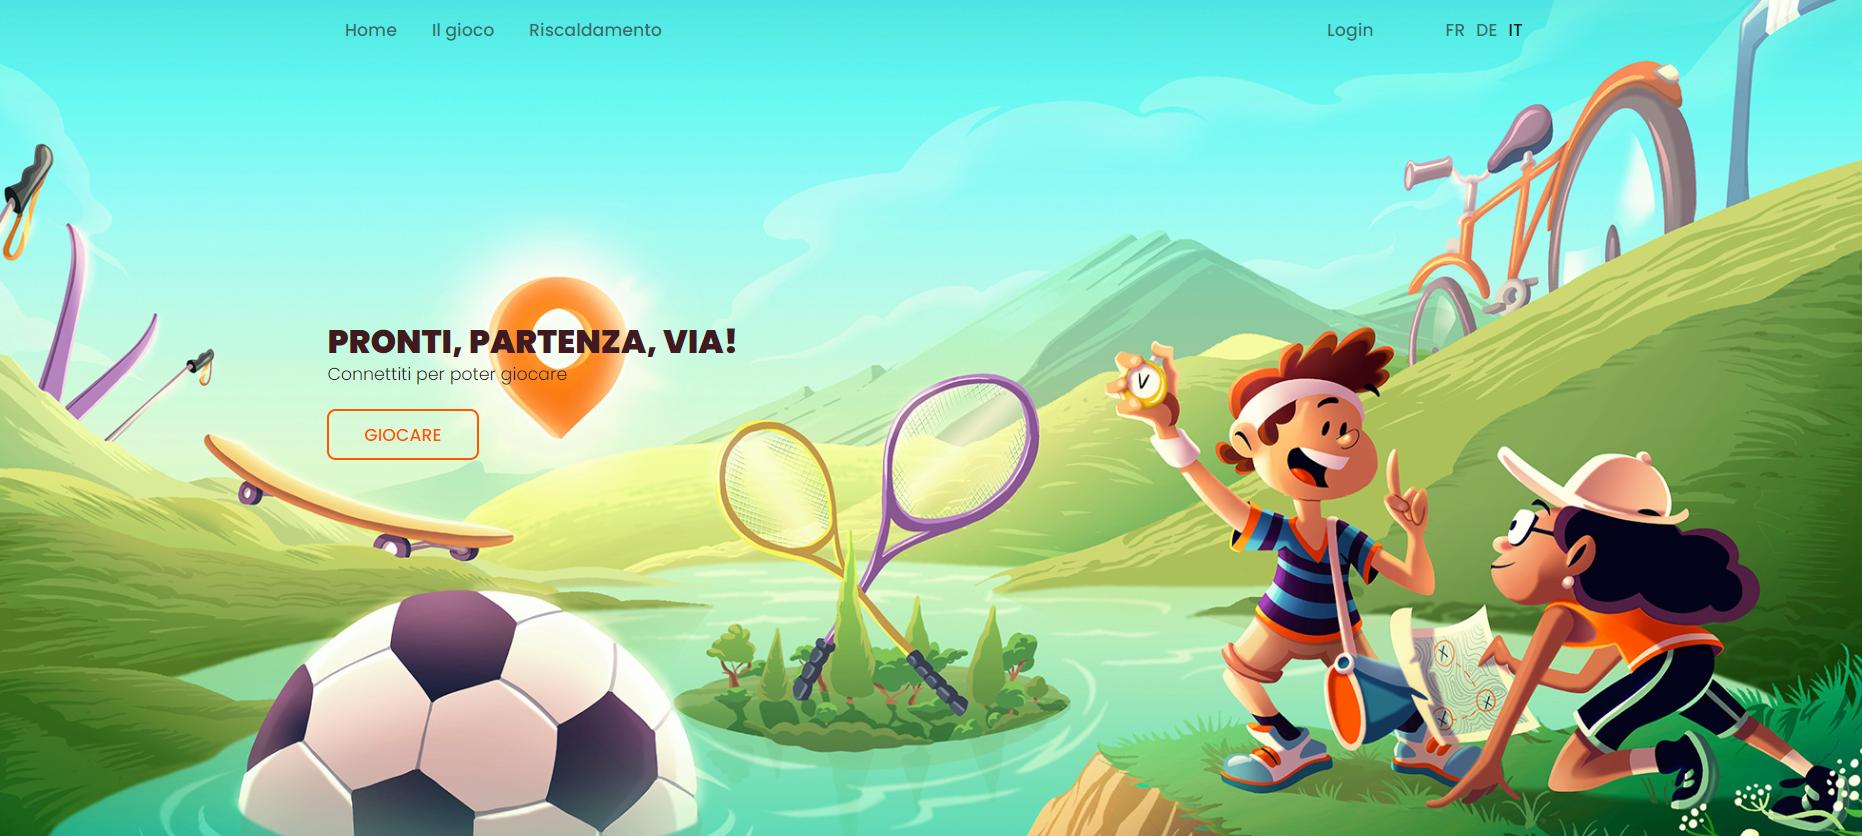 Cattura schermo del sito internet mappa-tesoro.ch